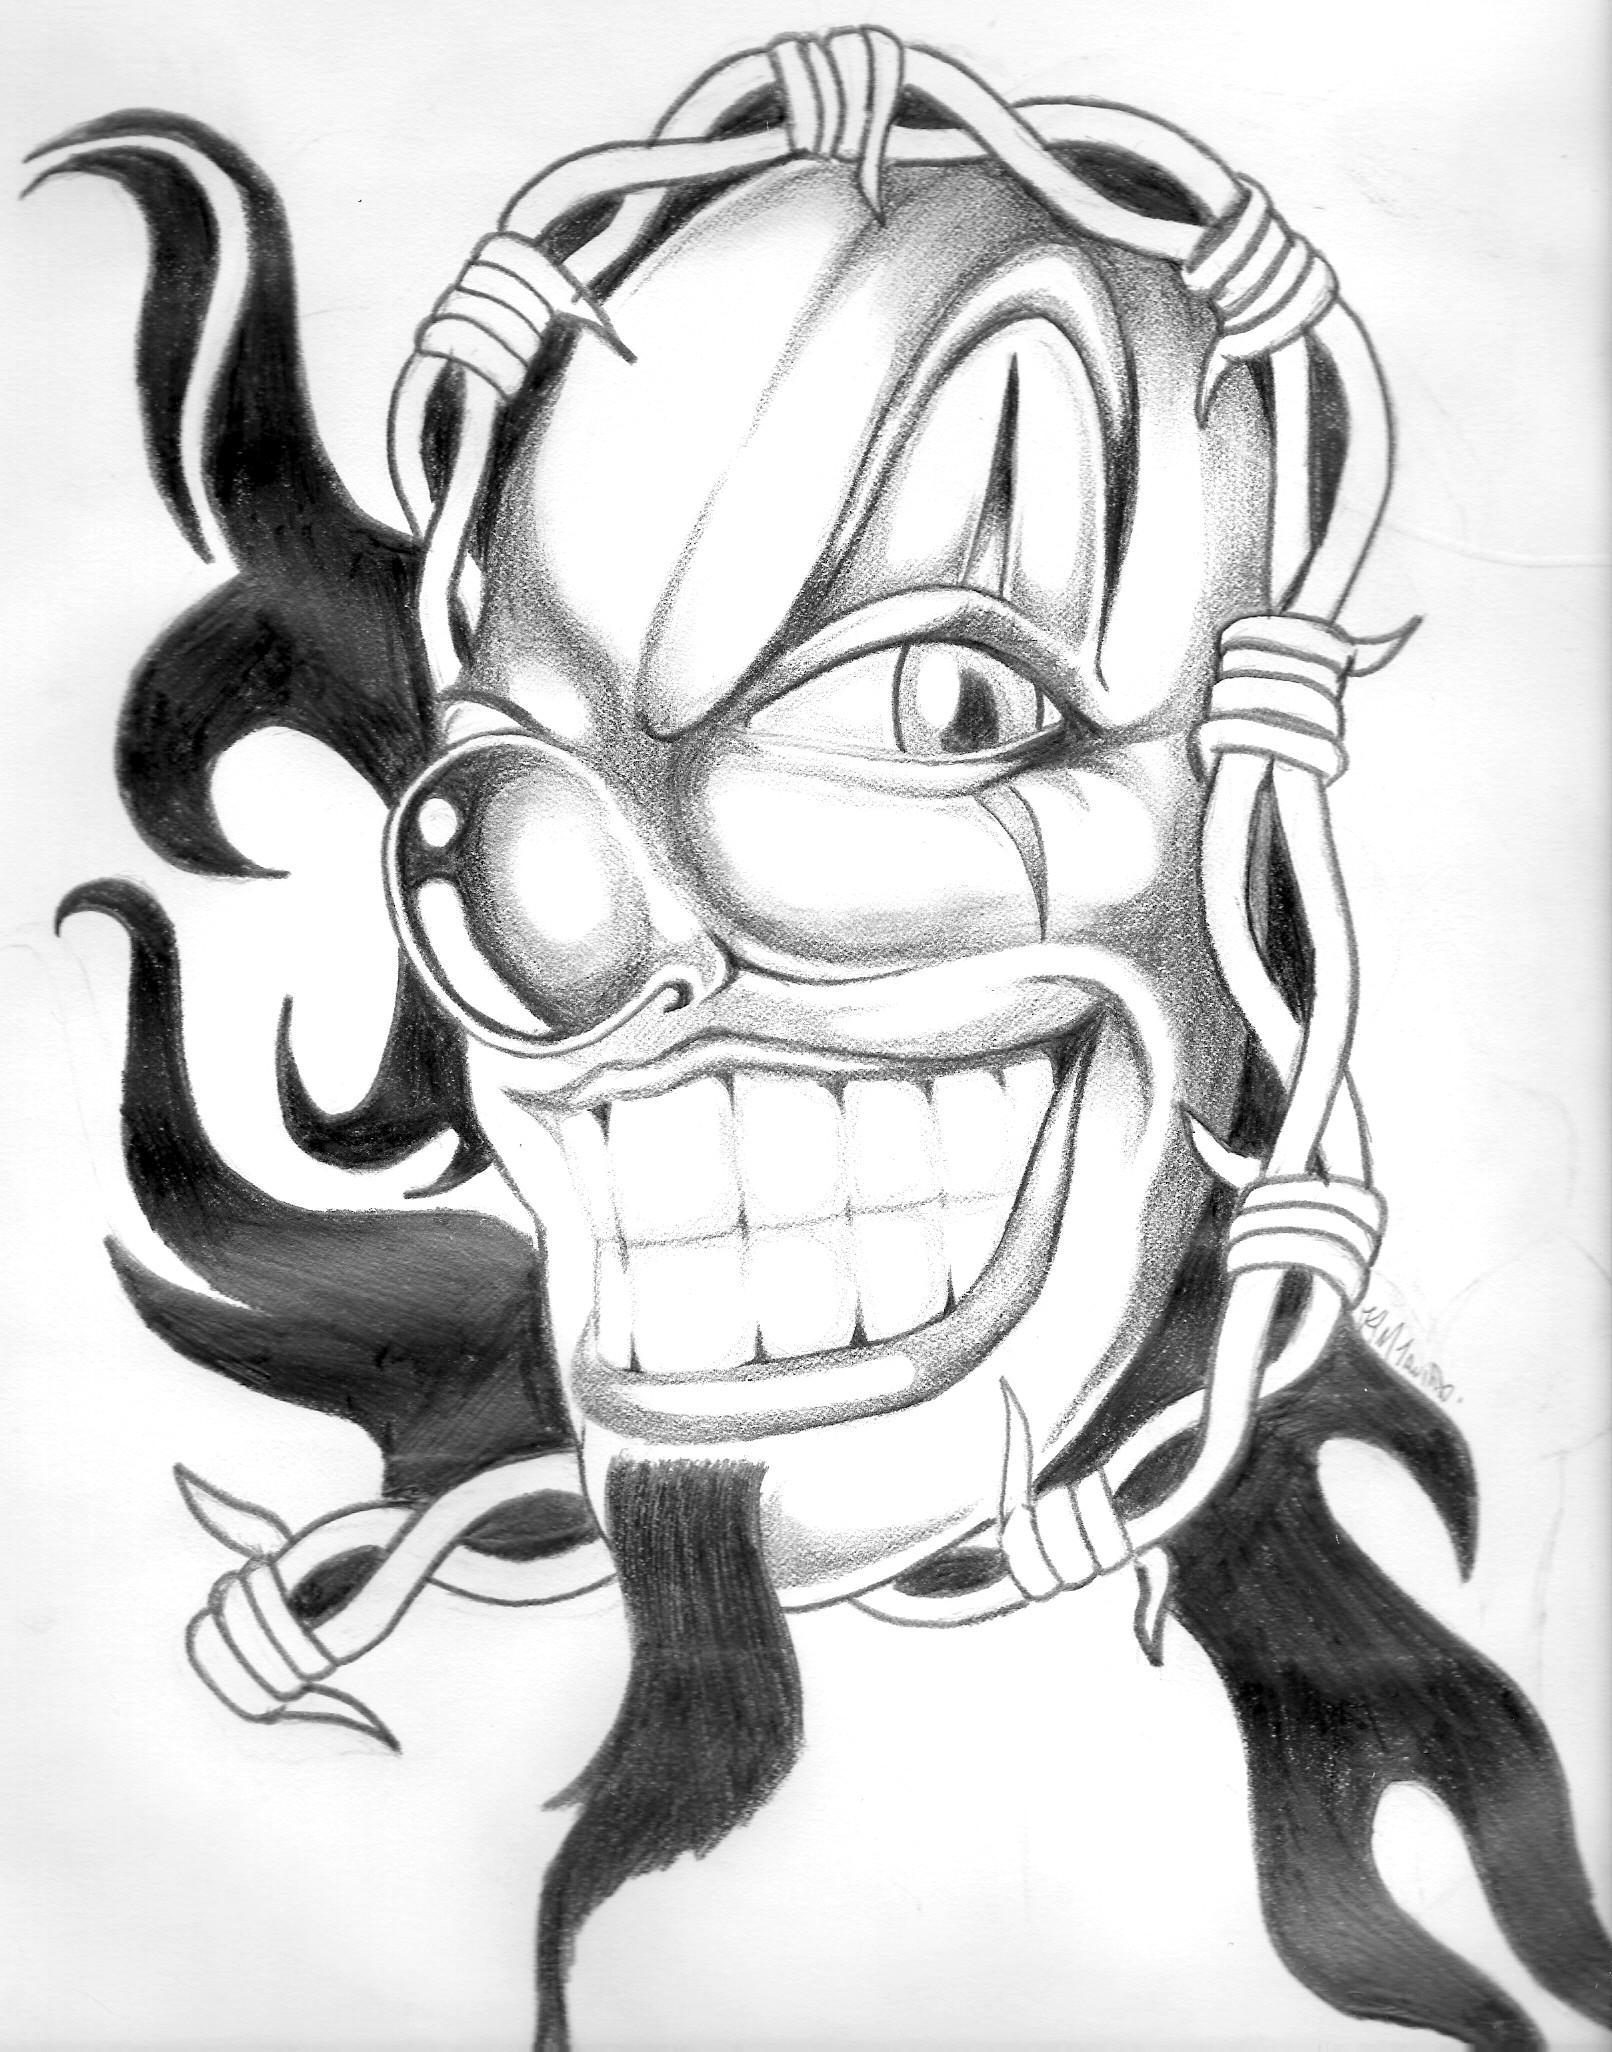 Scary Clown Drawing: Clown By BrokenTear On DeviantArt